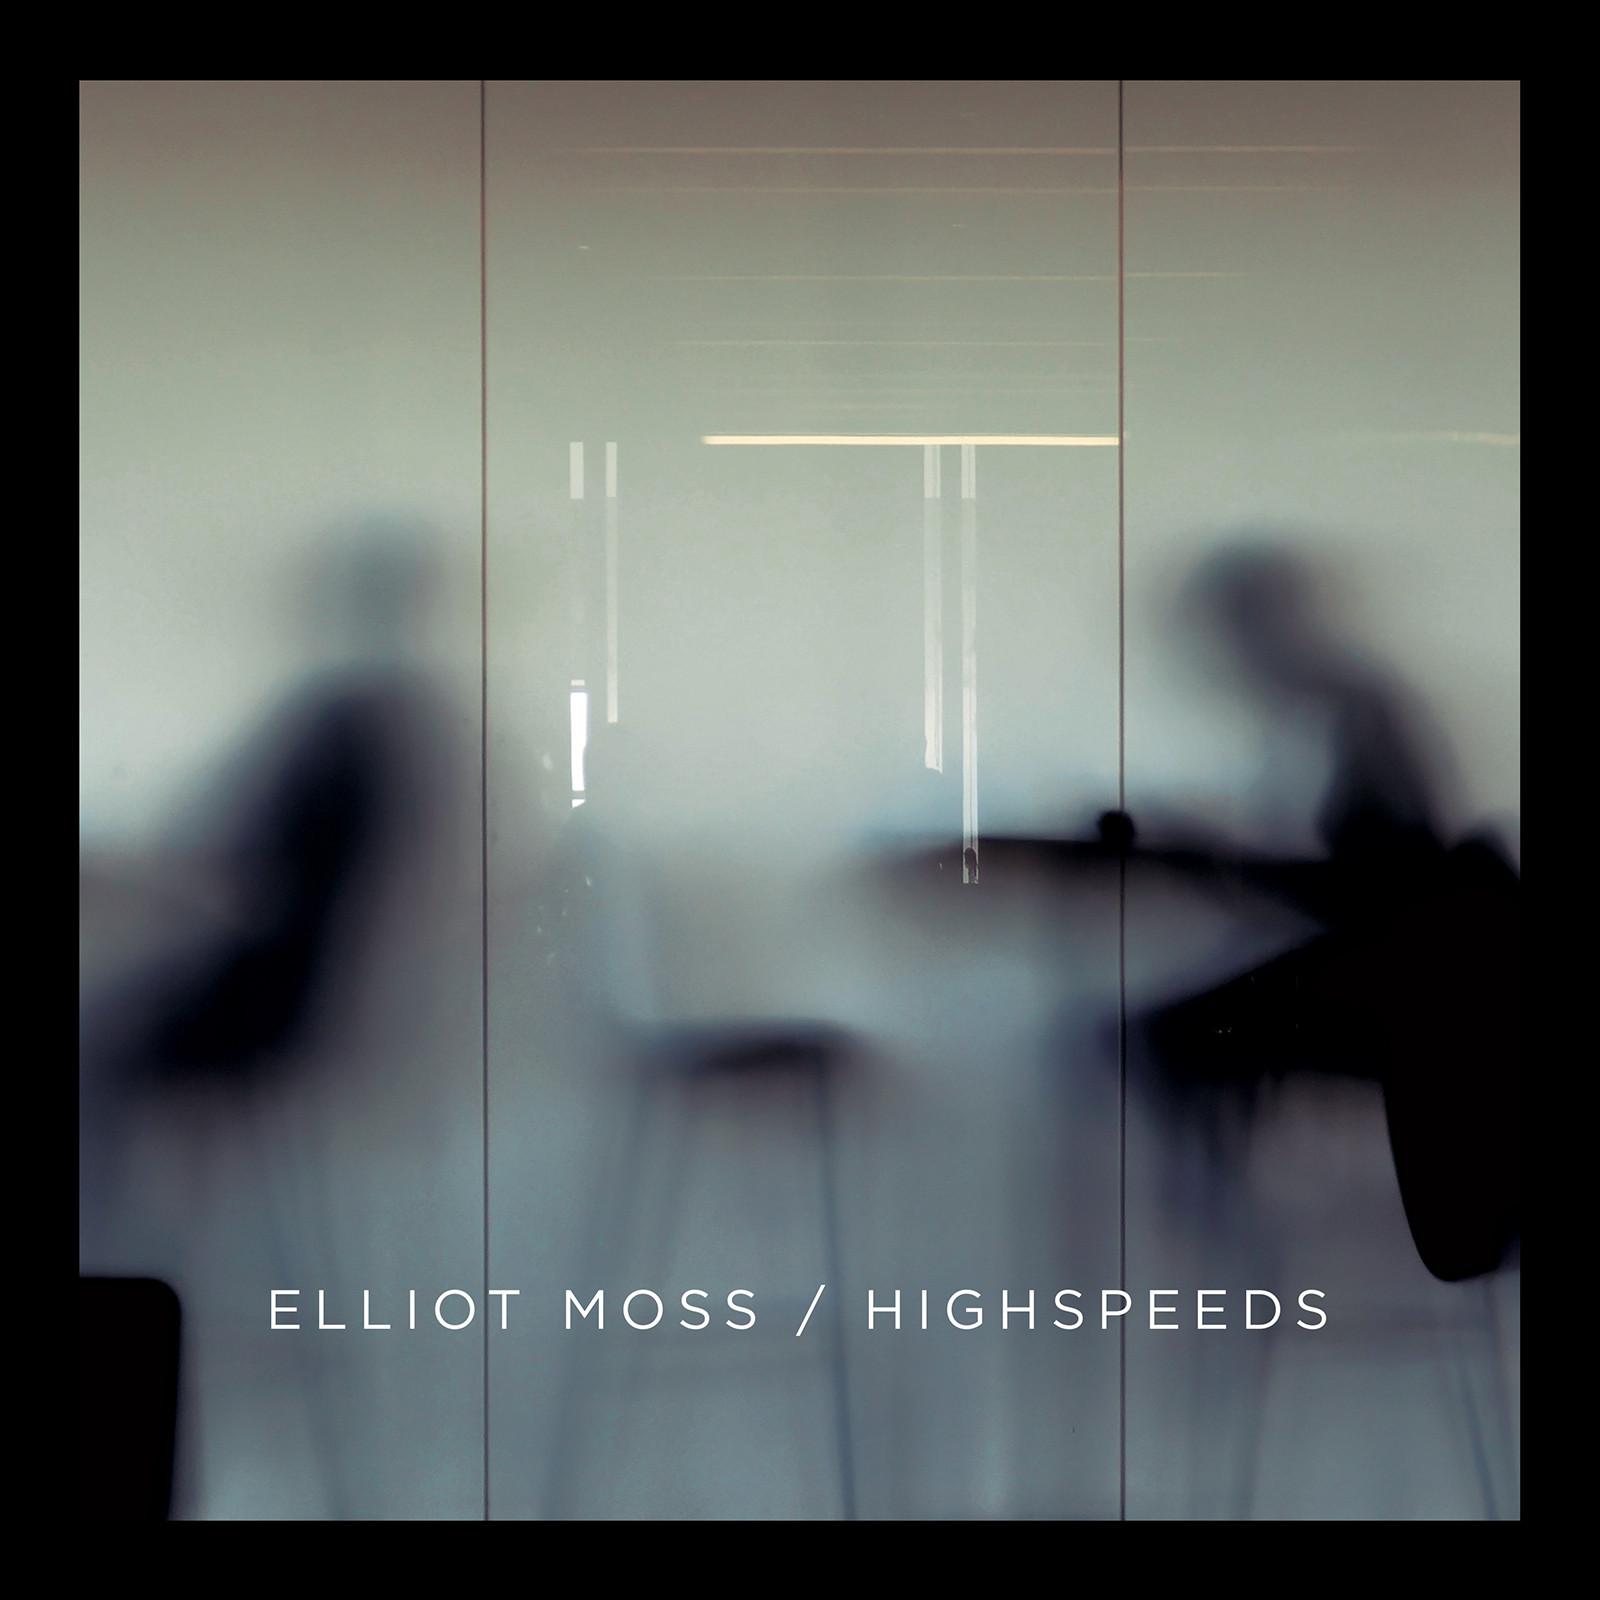 Elliot-Moss_Highspeeds.jpg